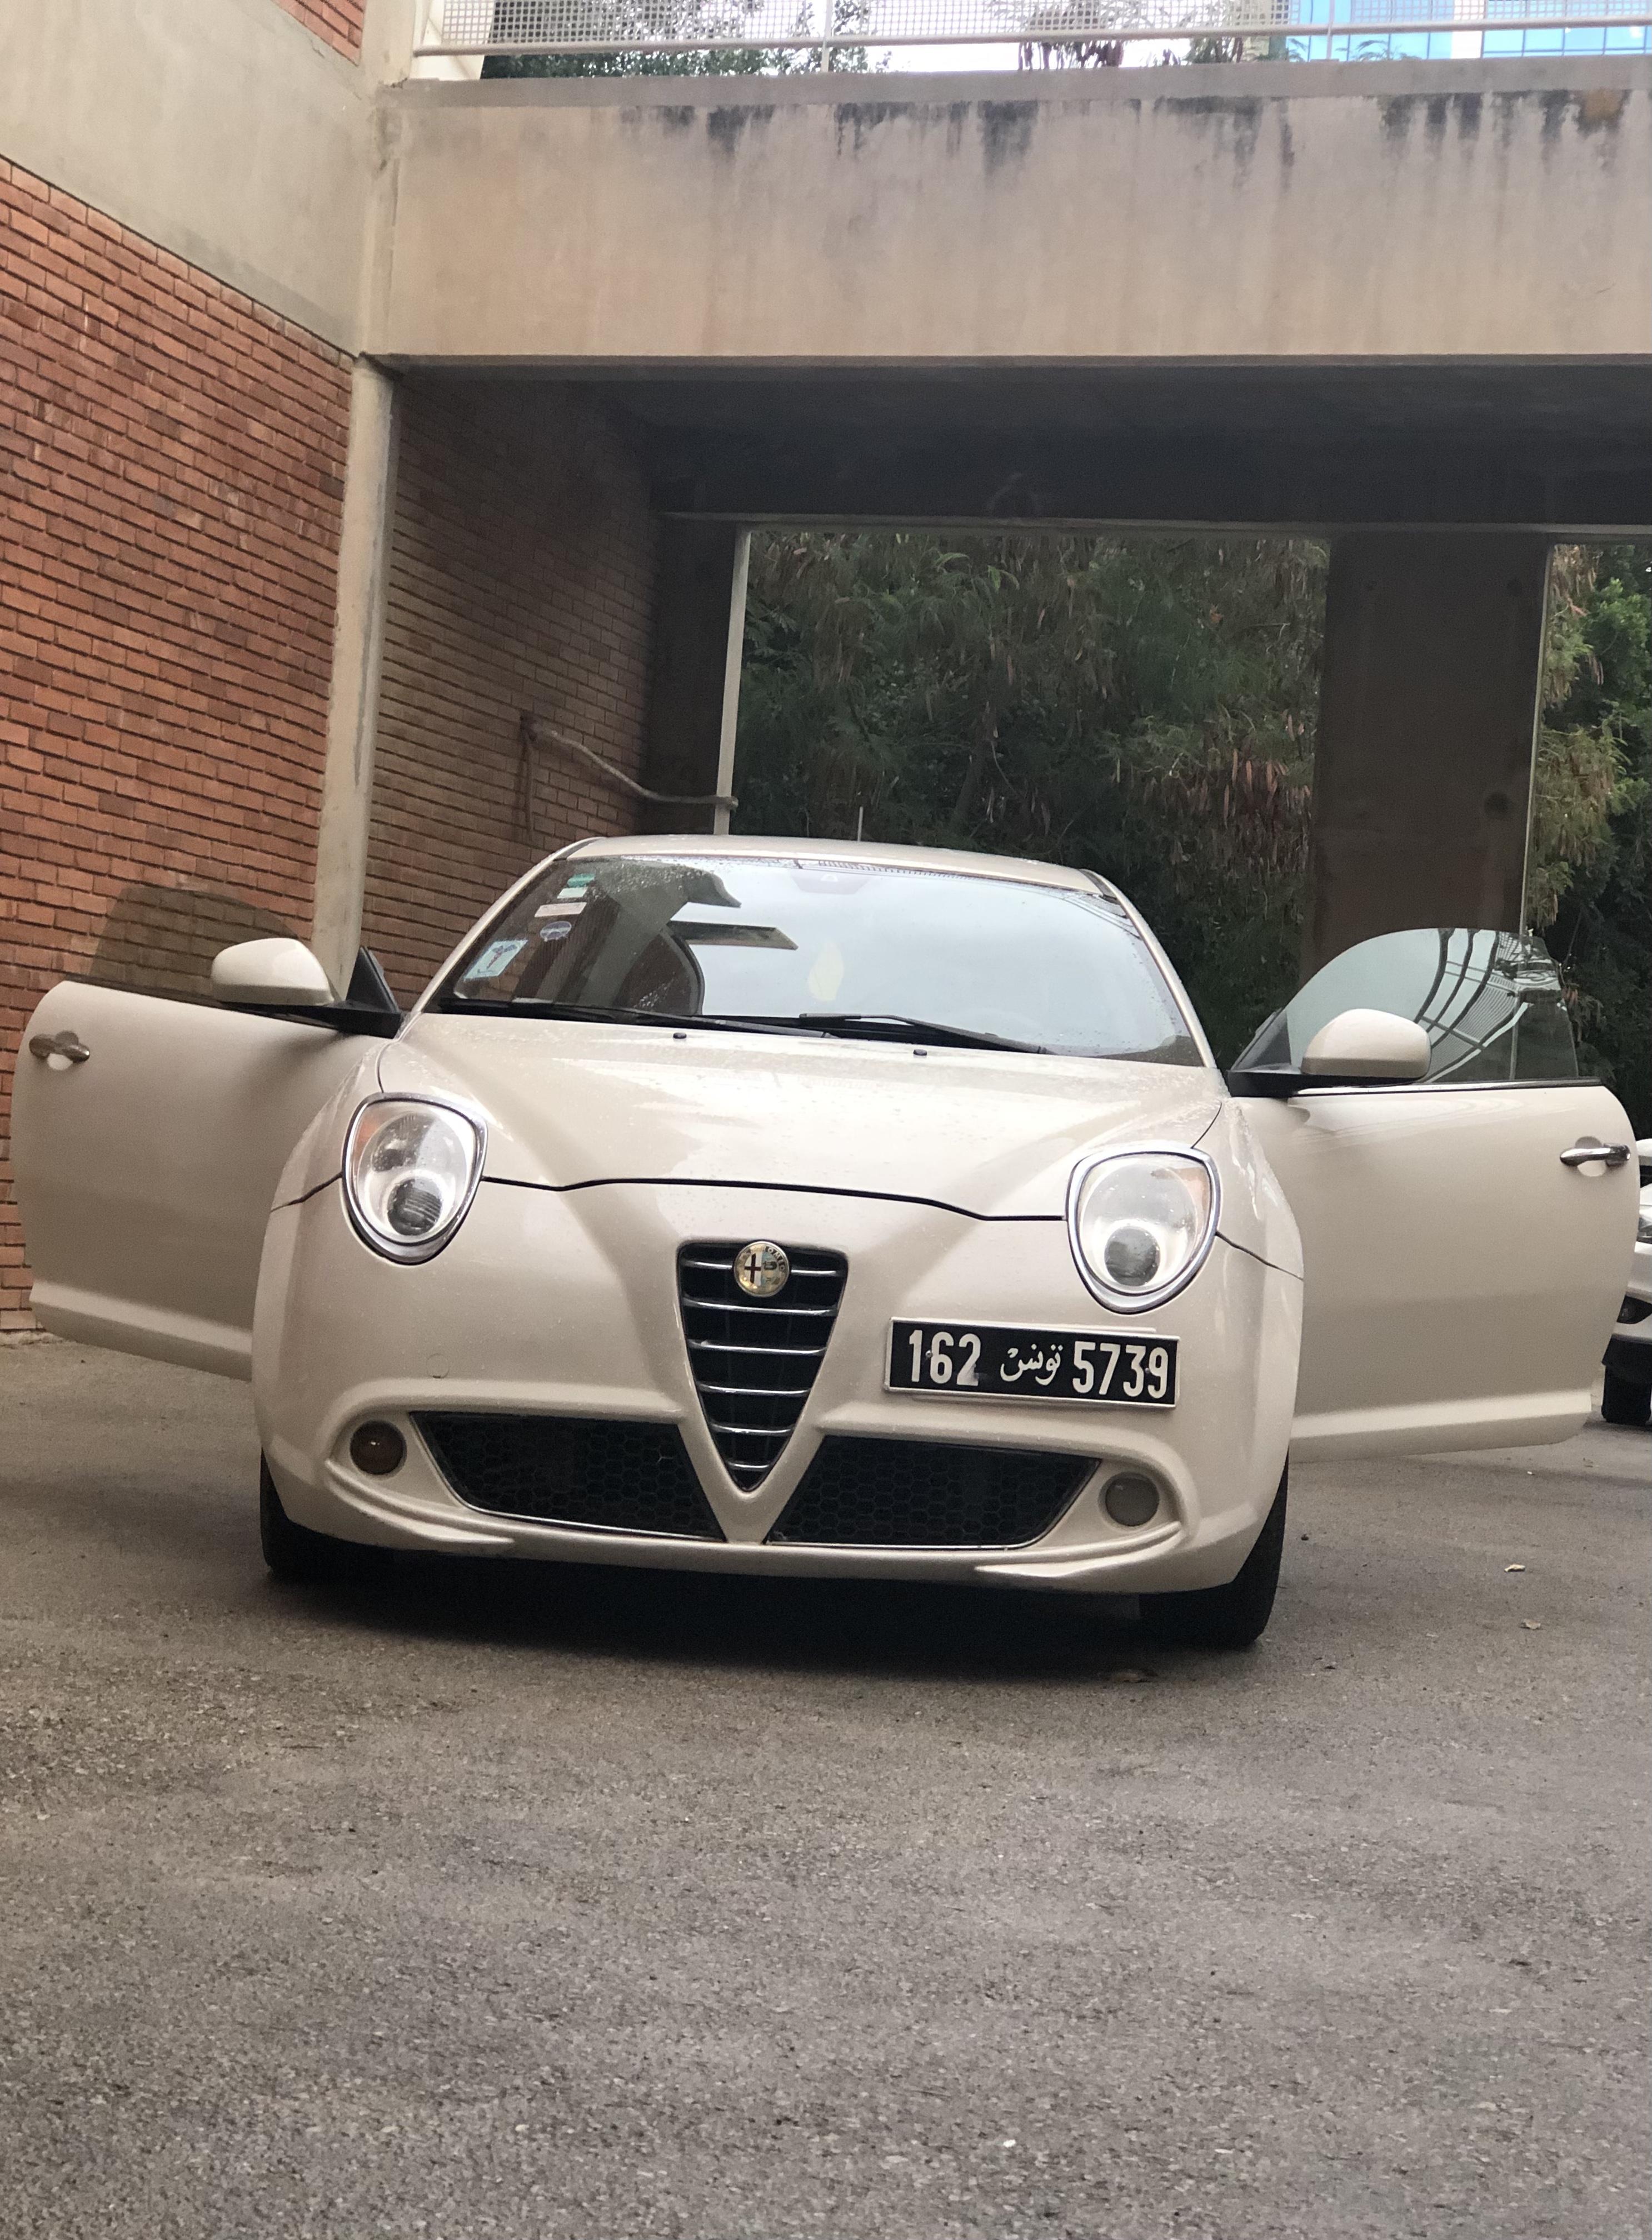 vente voiture occasion tunisie alfa romeo mita